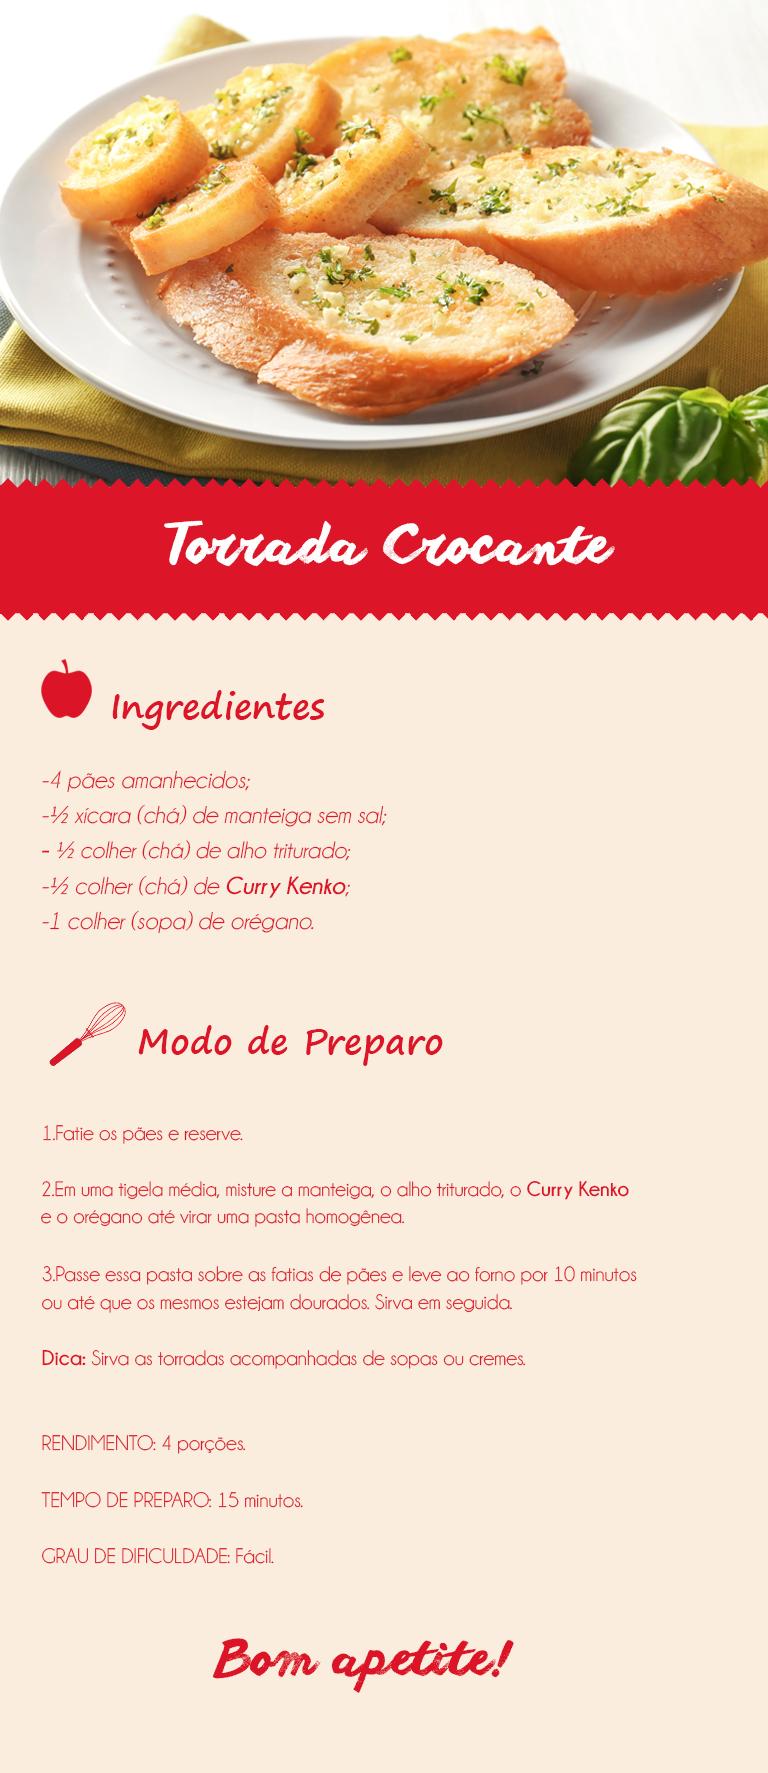 receita_torradacrocante